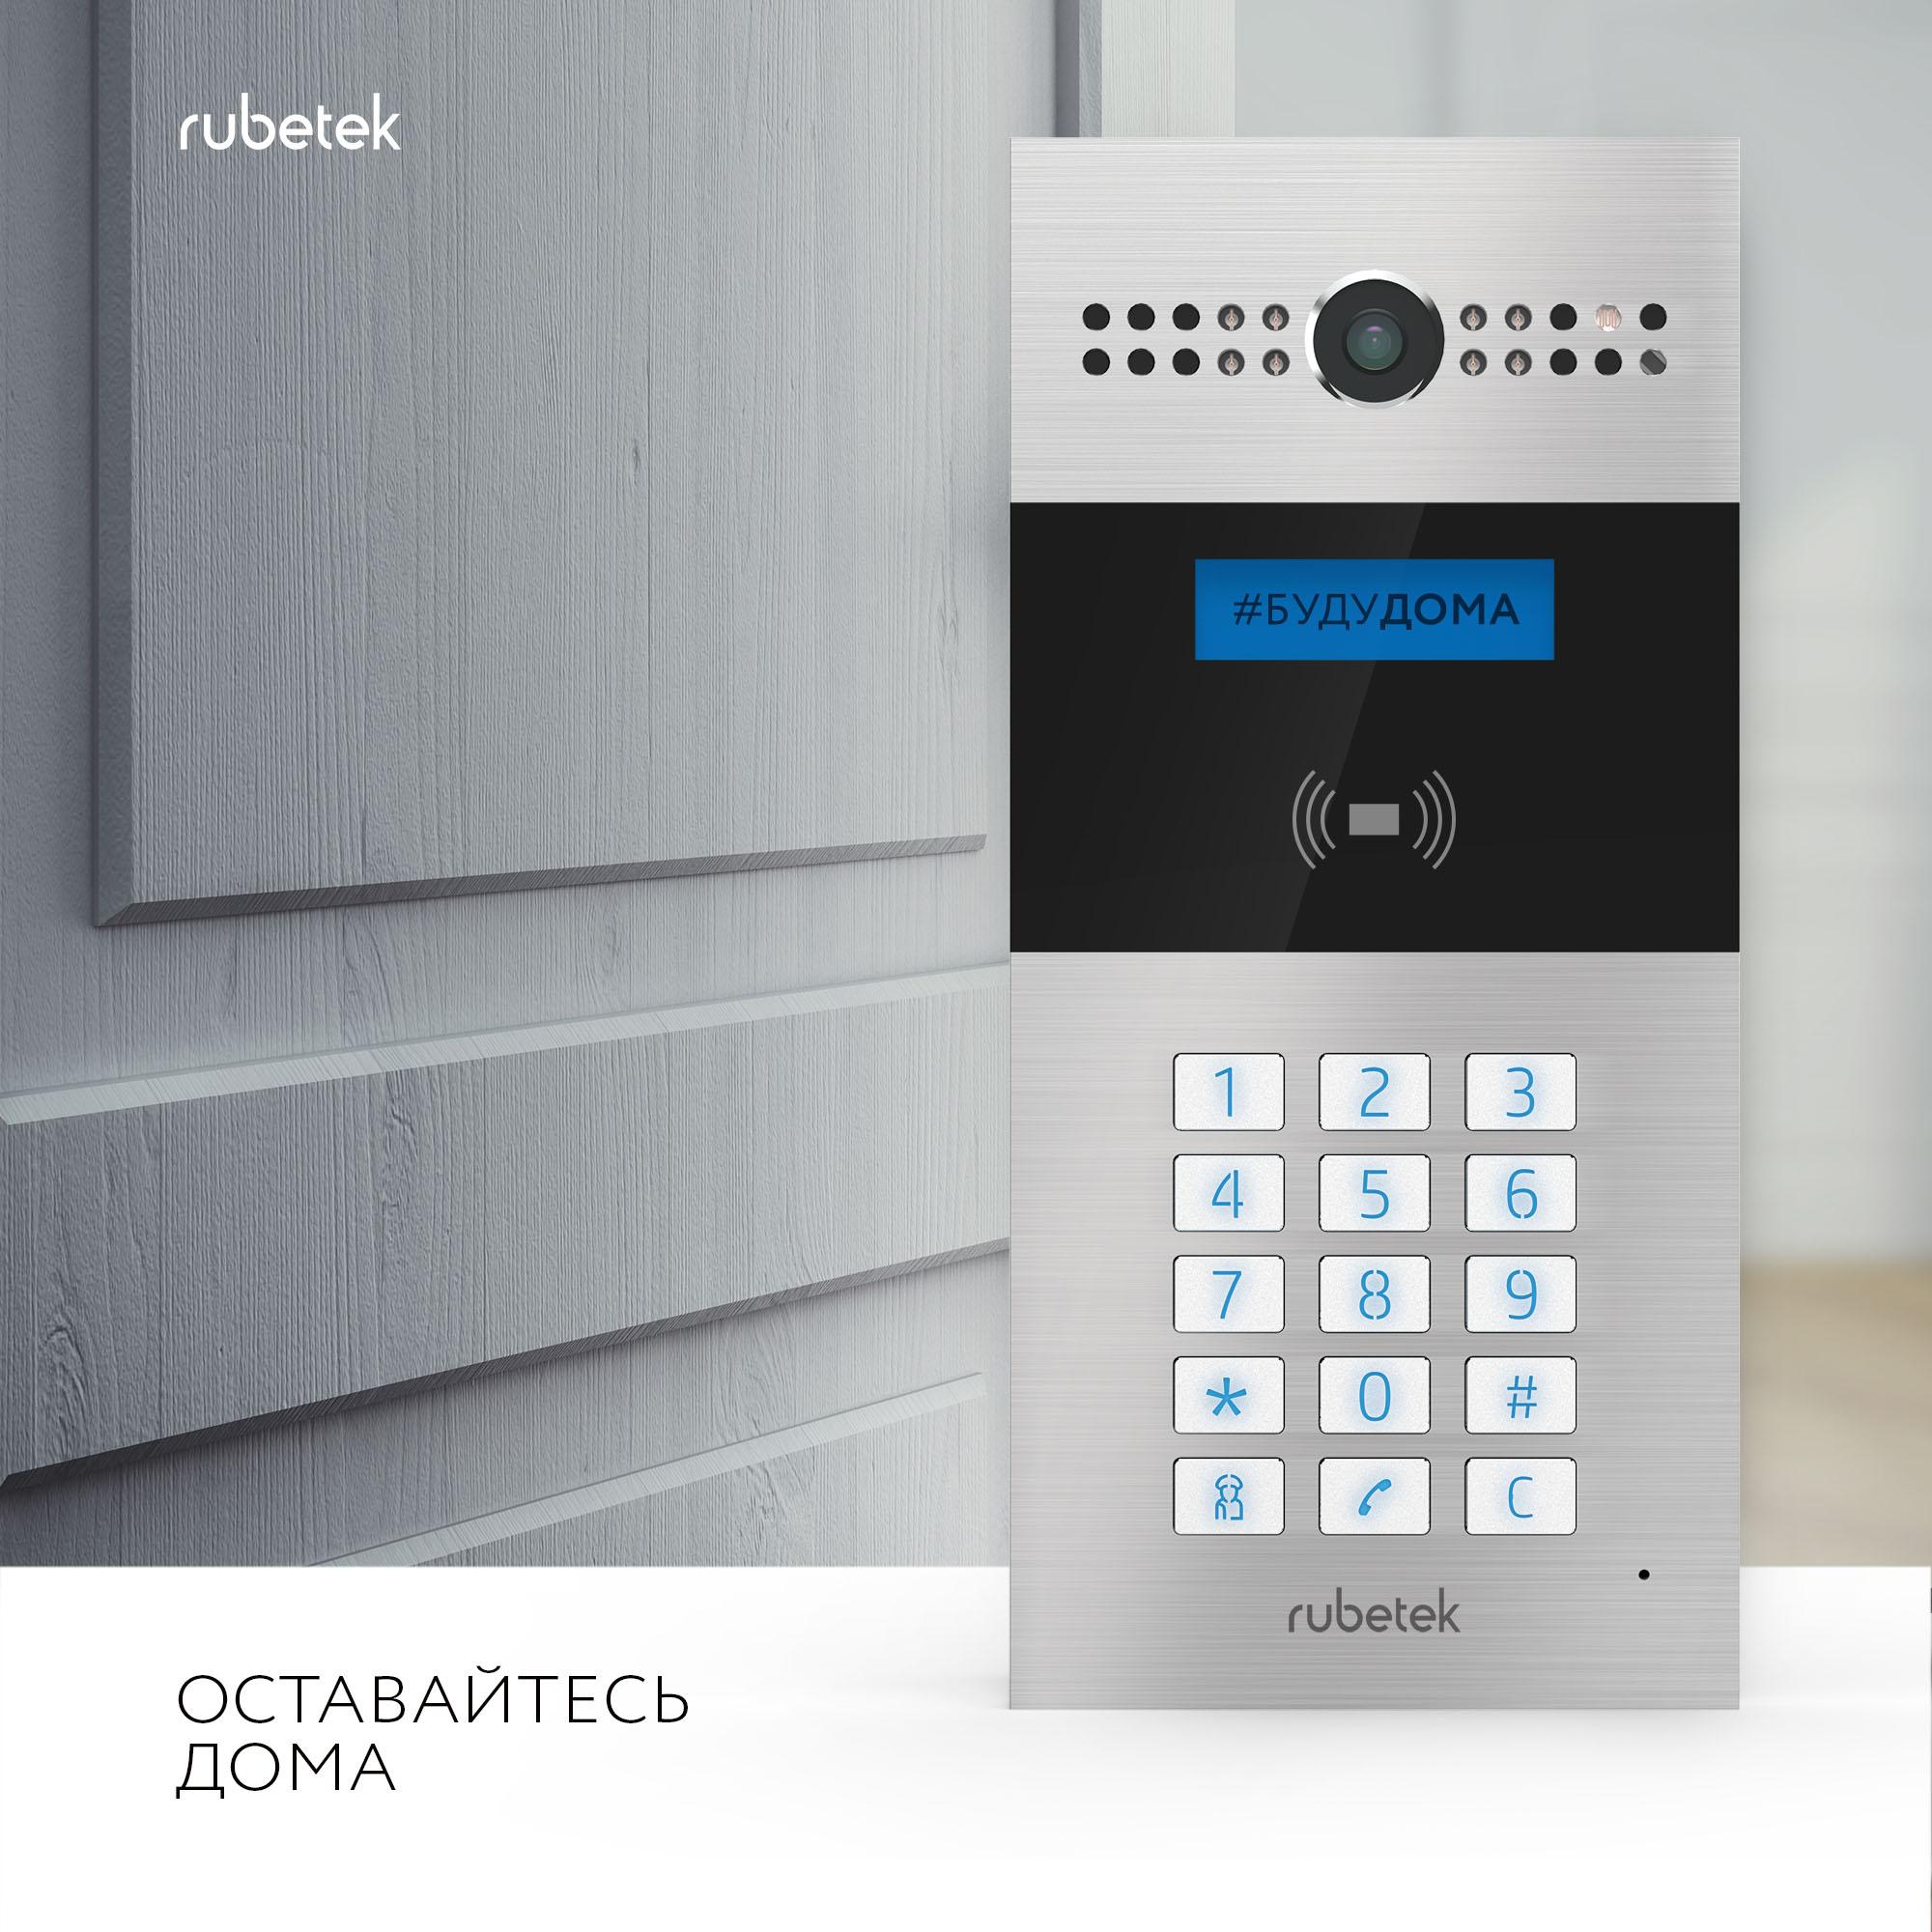 Rubetek и ГК ПИК: умные домофоны рекомендуют вам оставаться дома!